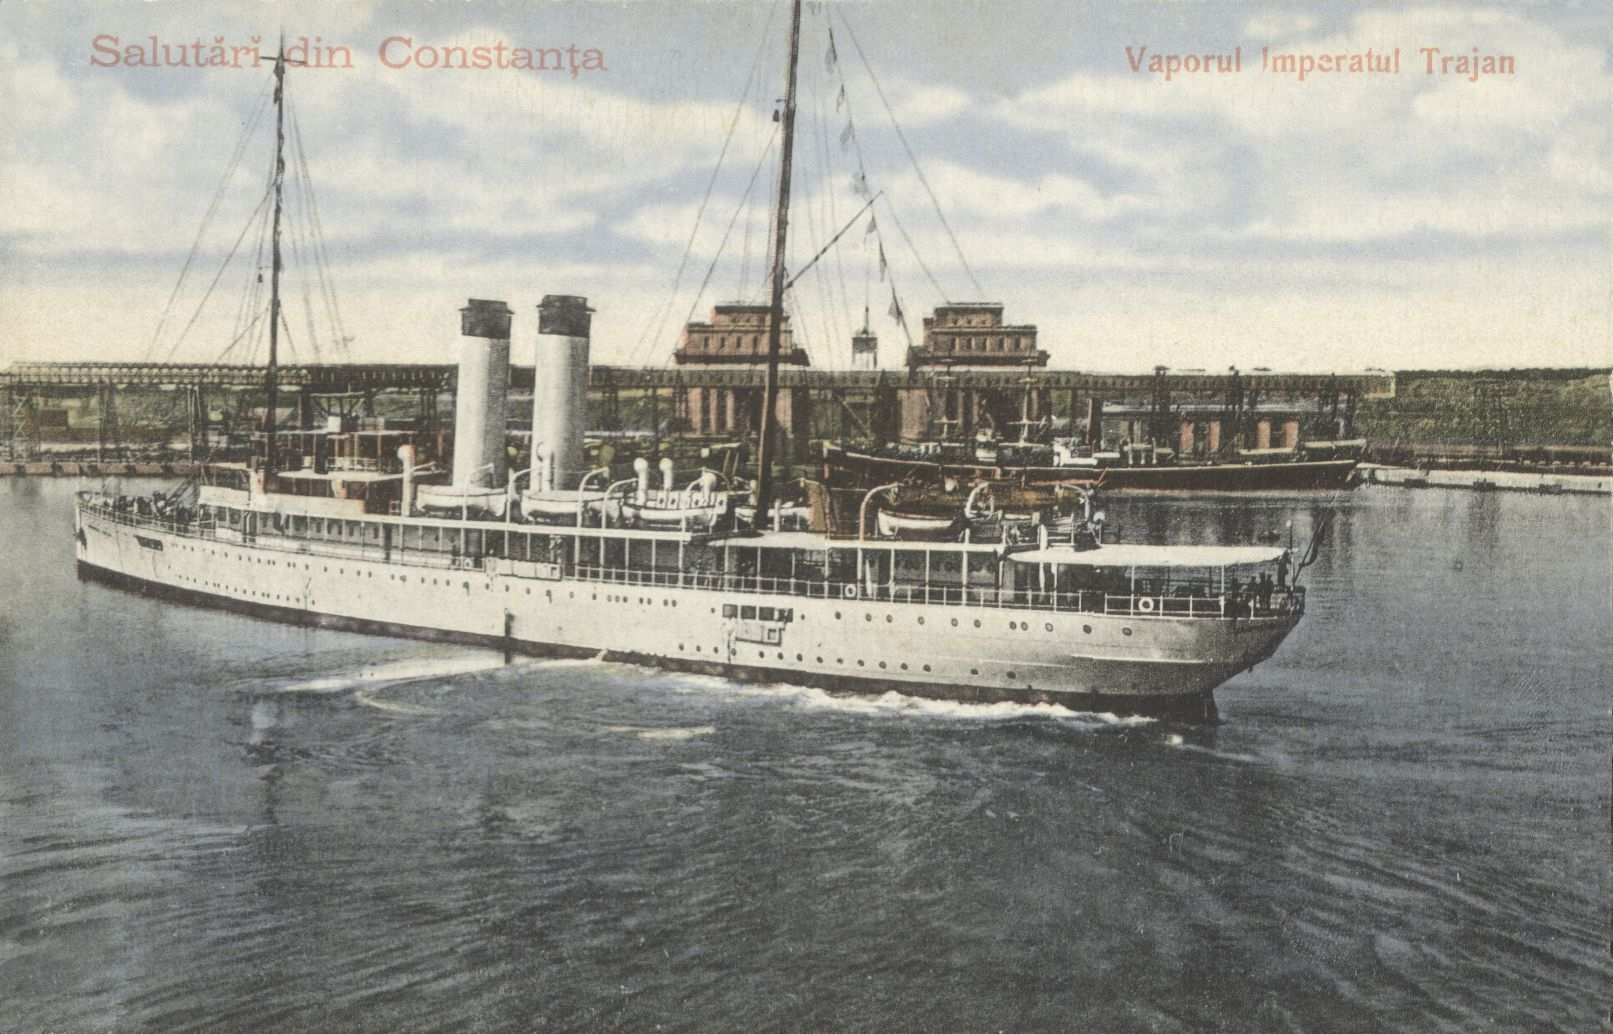 """Nava de pasageri """"Împăratul Traian"""" în bazinul portului Constanța. În plan secund se văd silozurile portului."""